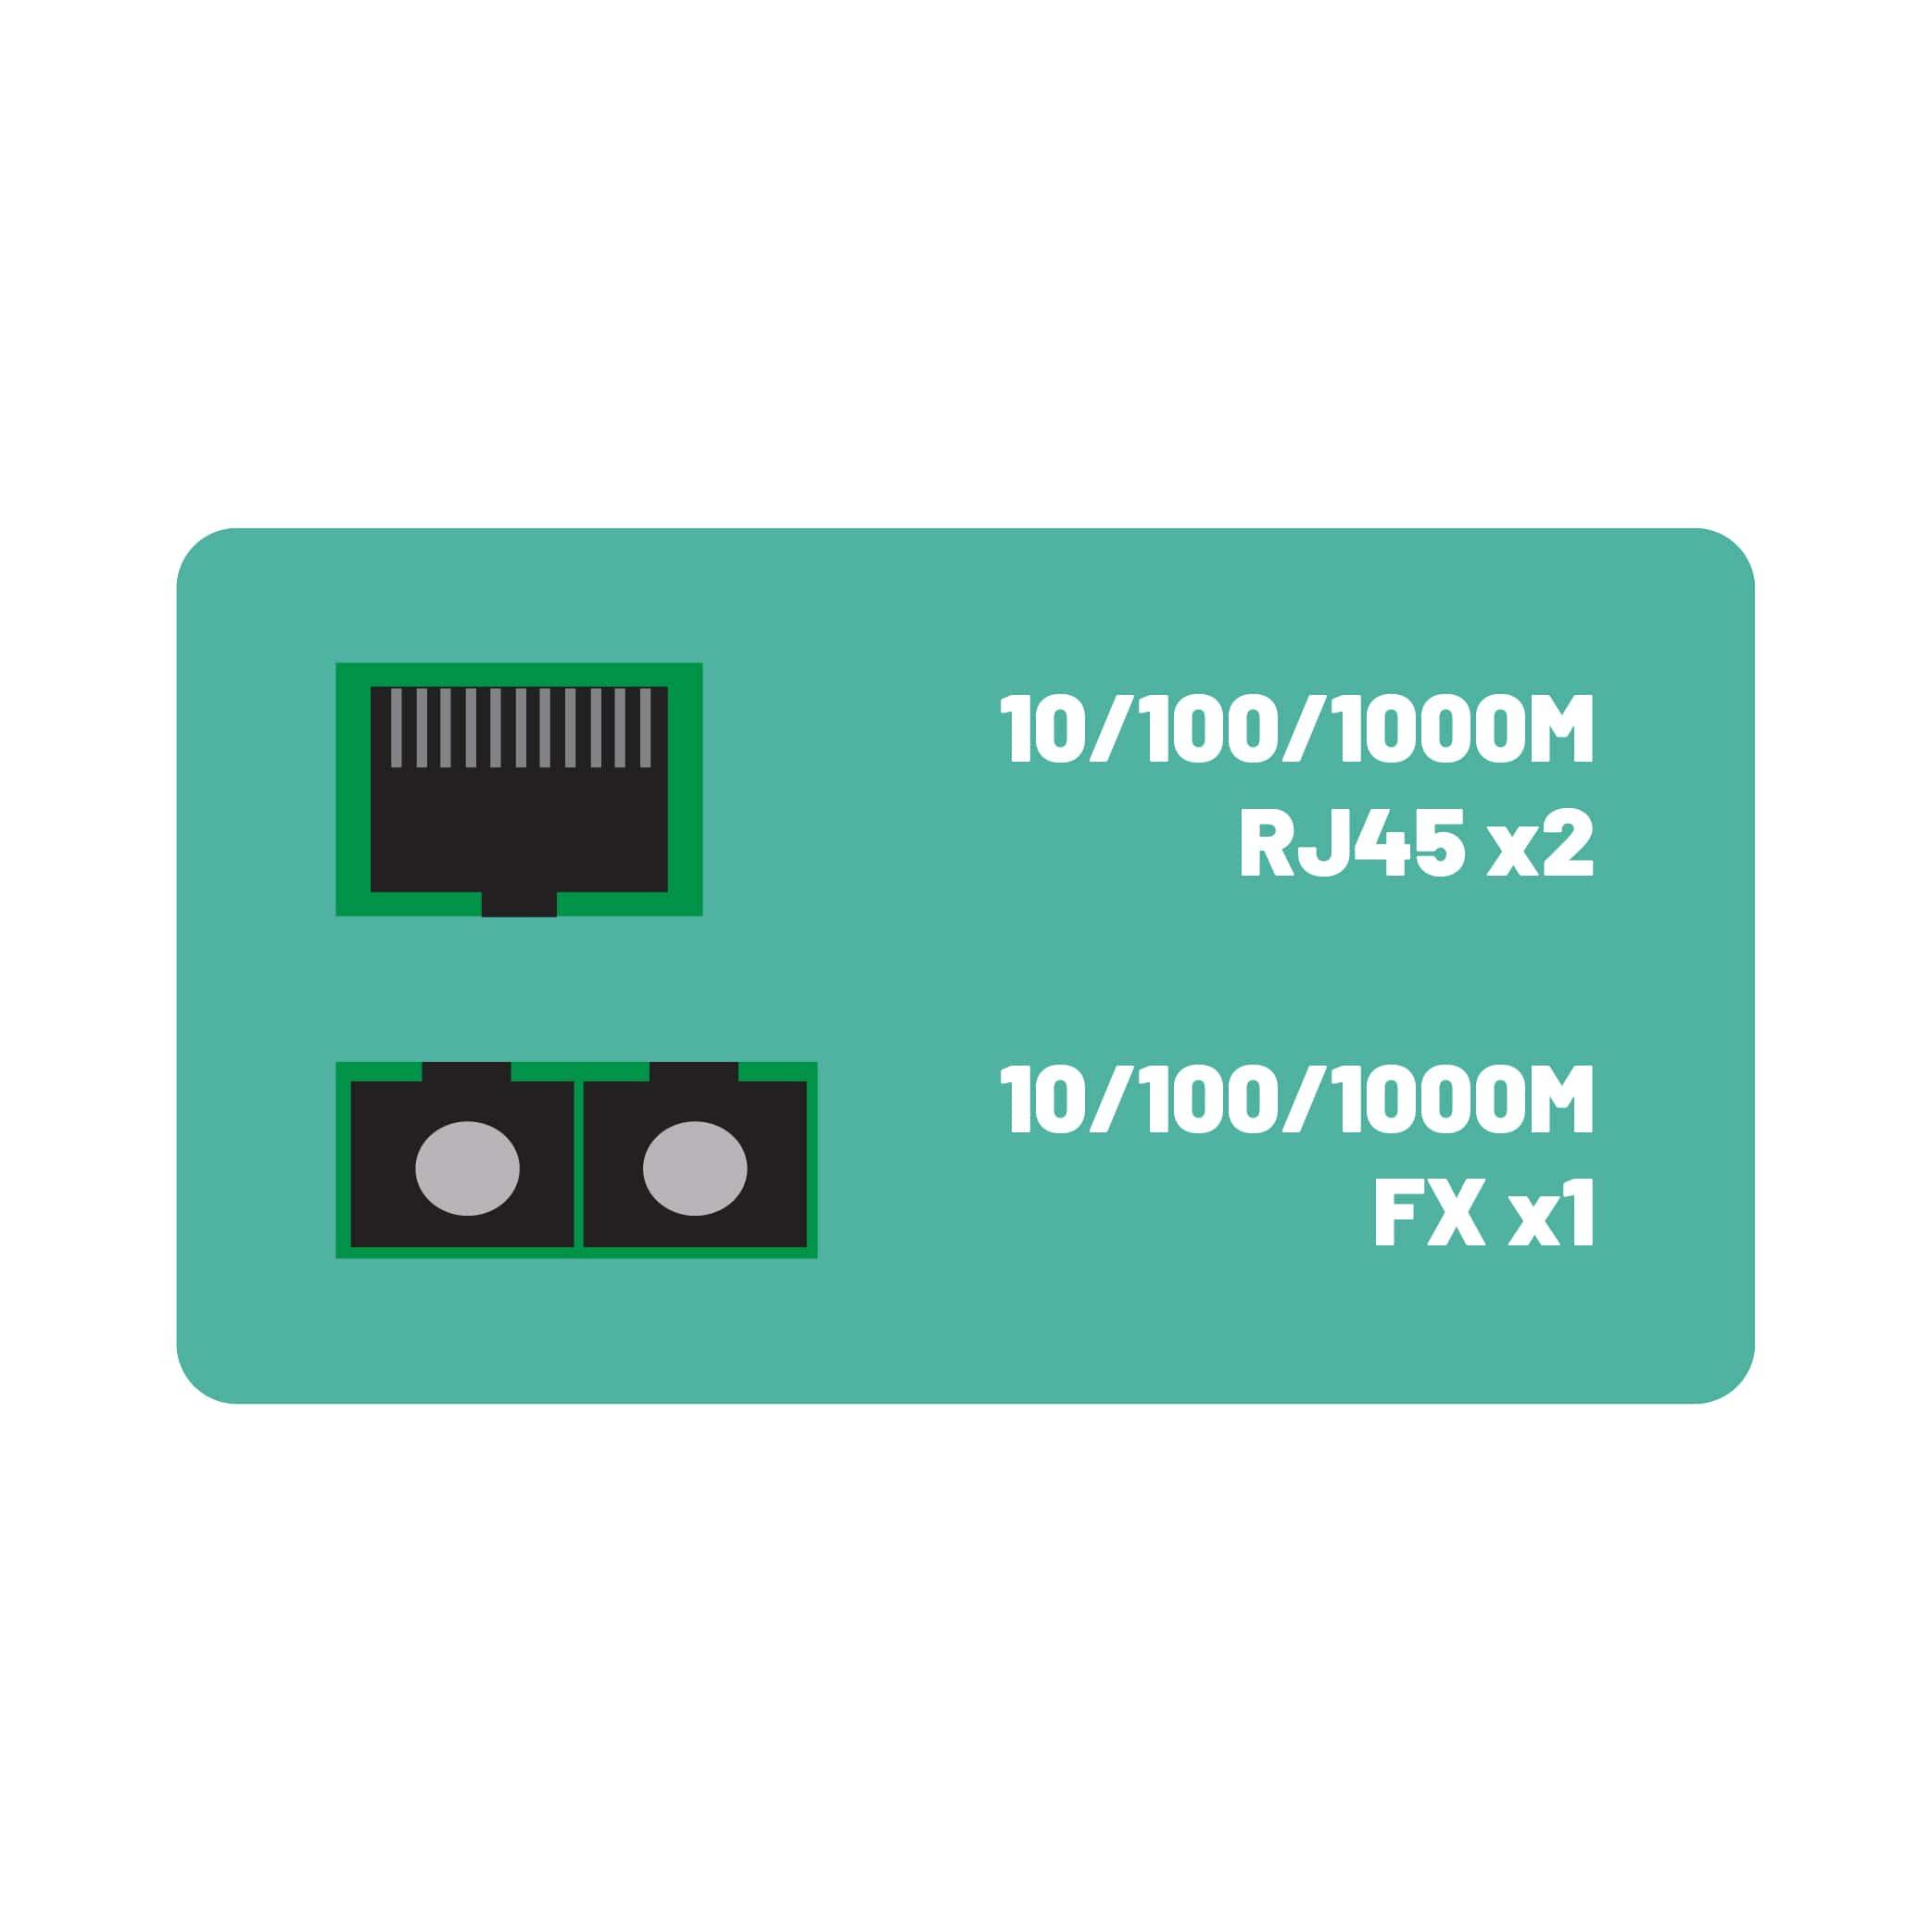 LX3-1FX-M02-3 & 8 ; LX3-1FX-S20-3